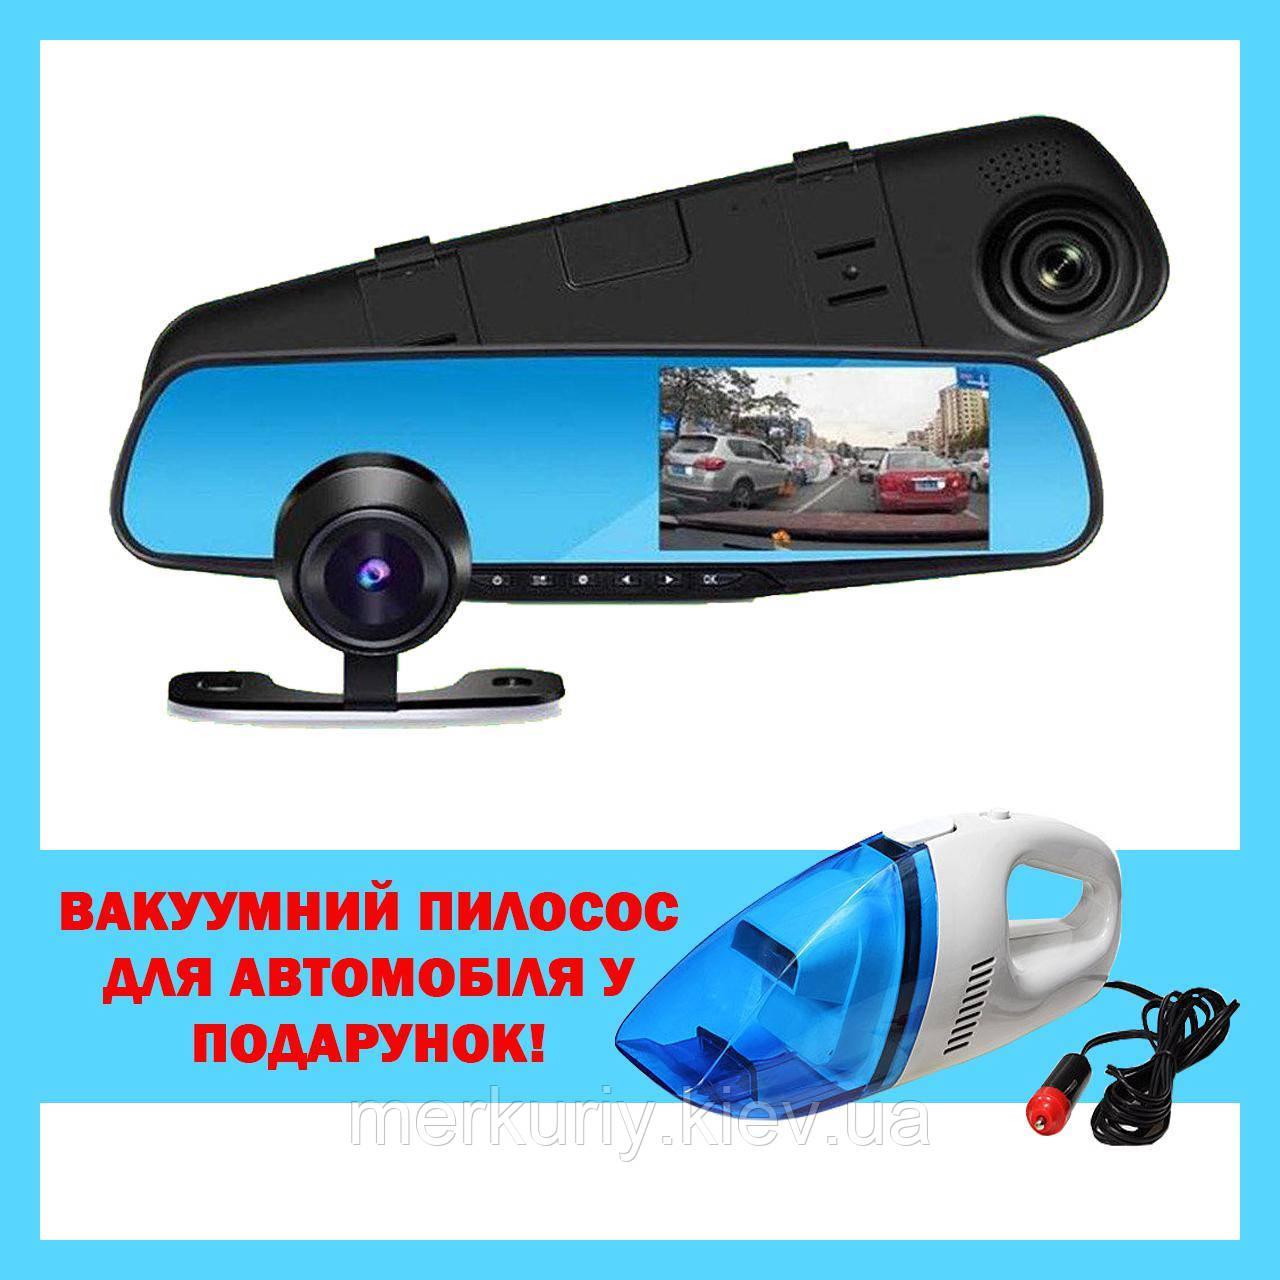 Камера зеркало видеорегистратор 2 две камеры с камерой заднего вида, регистратор автомобильный